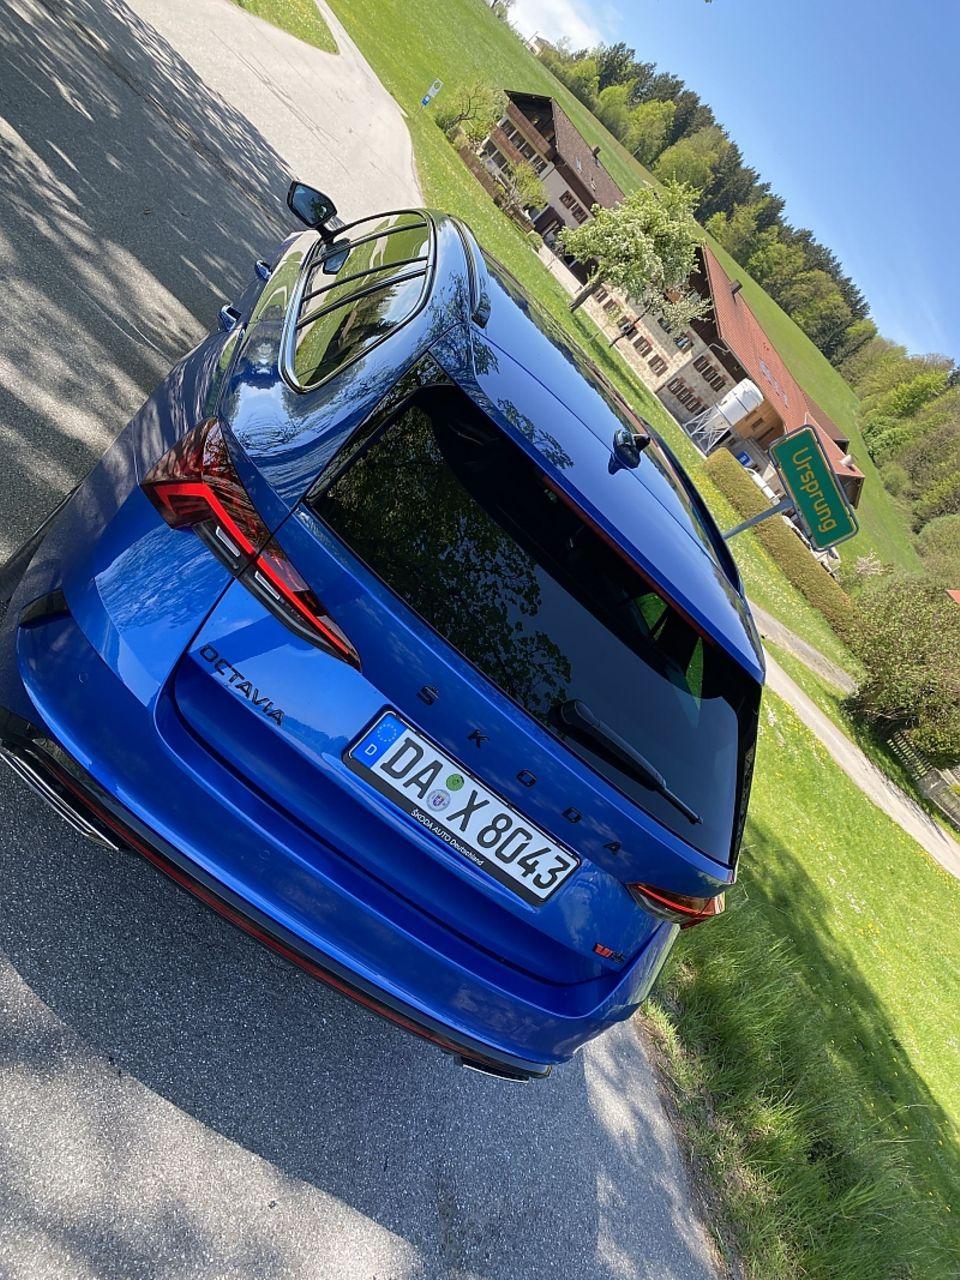 Skoda Octavia Combi RS 2.0 TDI wird bei Dienstwagenfahrern seine Abnehmer finden